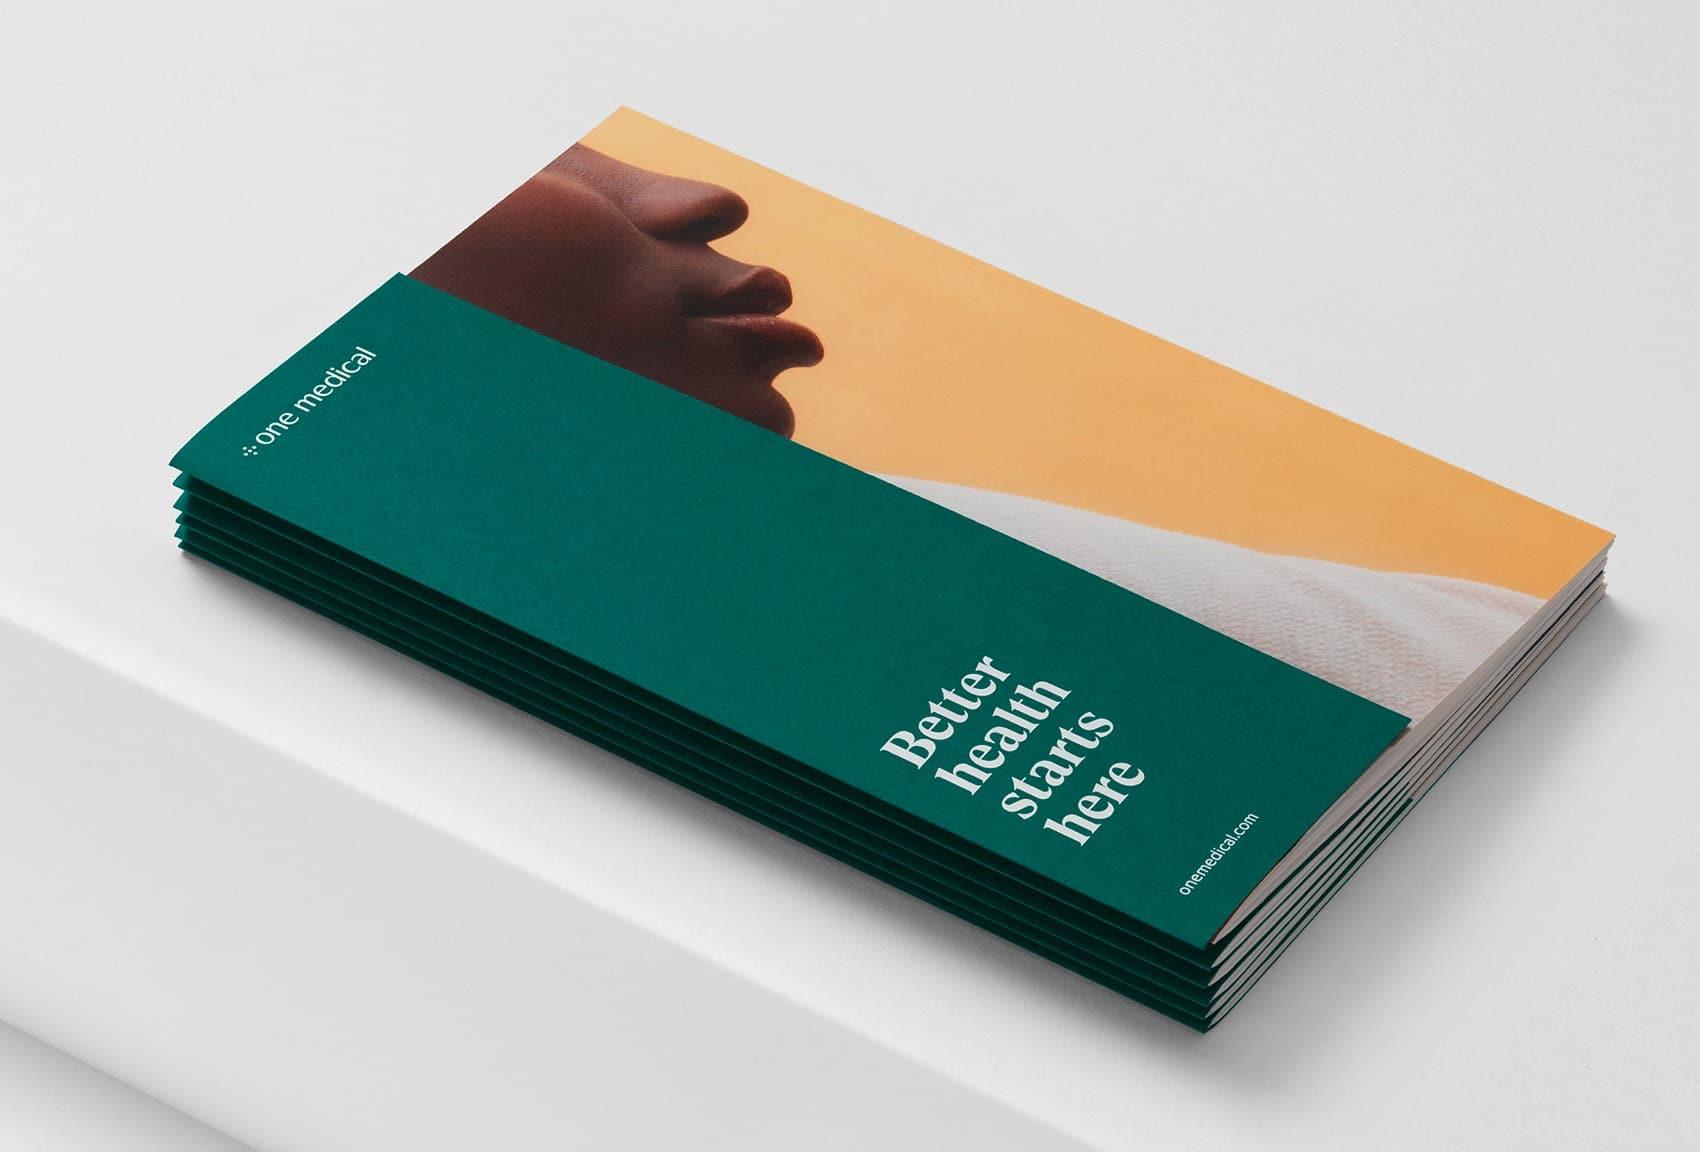 รูป Offset Printing 05 - ประกอบเนื้อหา การพิมพ์ออฟเซ็ท (Offset) และ พิมพ์ดิจิตอล (Digital) แตกต่างกันอย่างไร เลือกอะไรดี